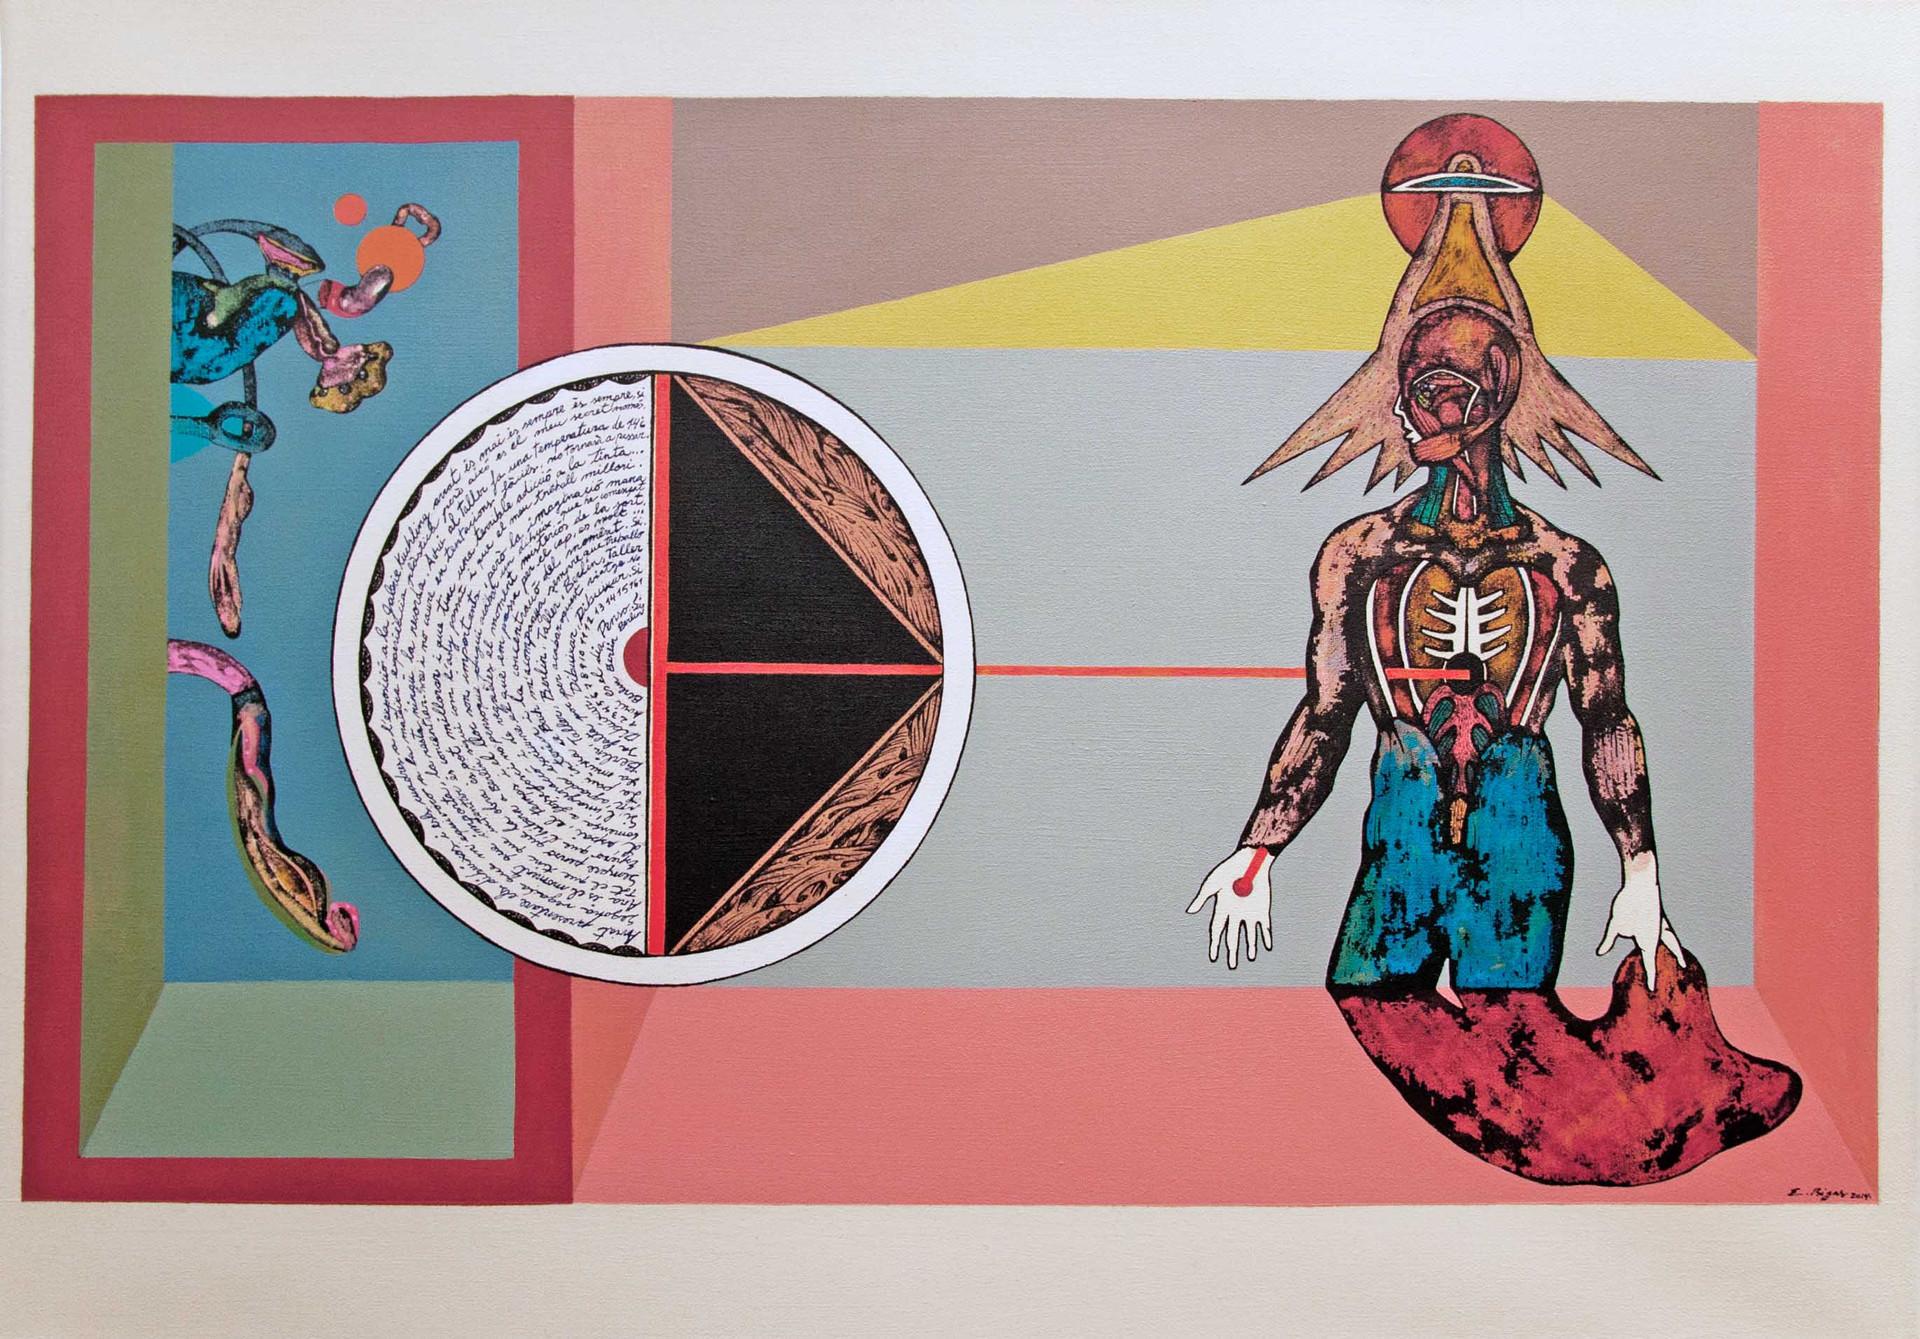 Der Geist der Orte 2014 70x50cm. Acrylic and Ink on canvas